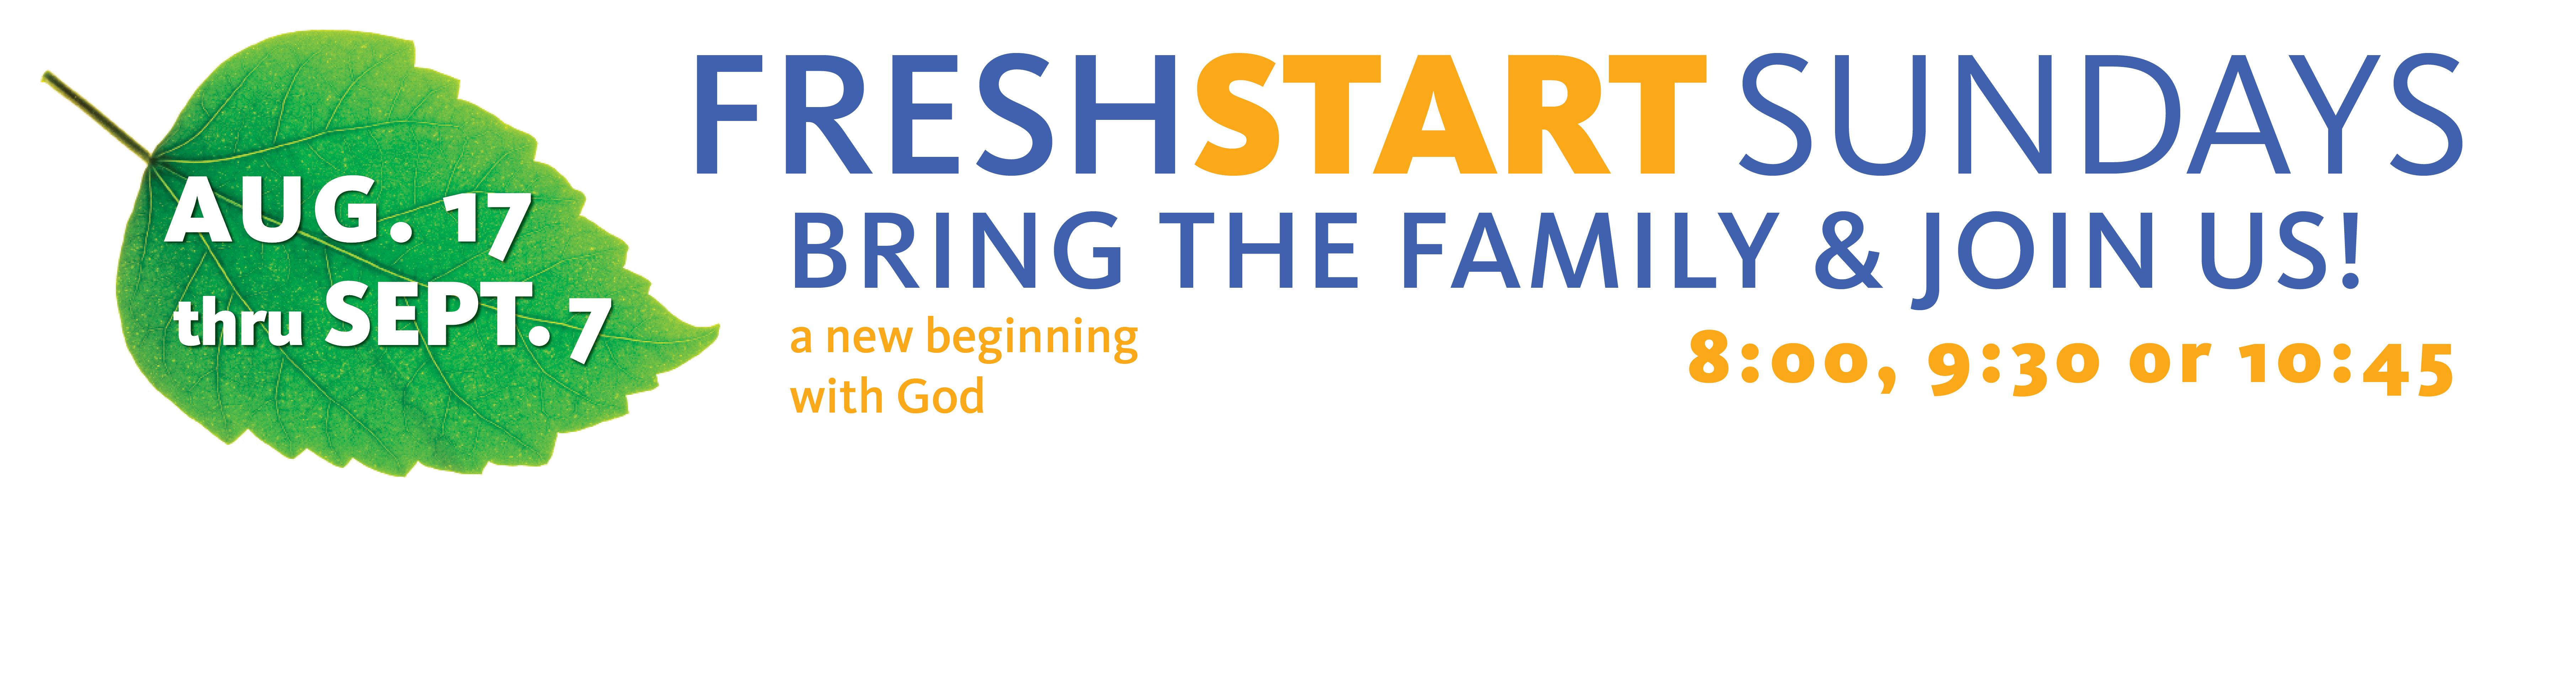 fresh start slider 2014